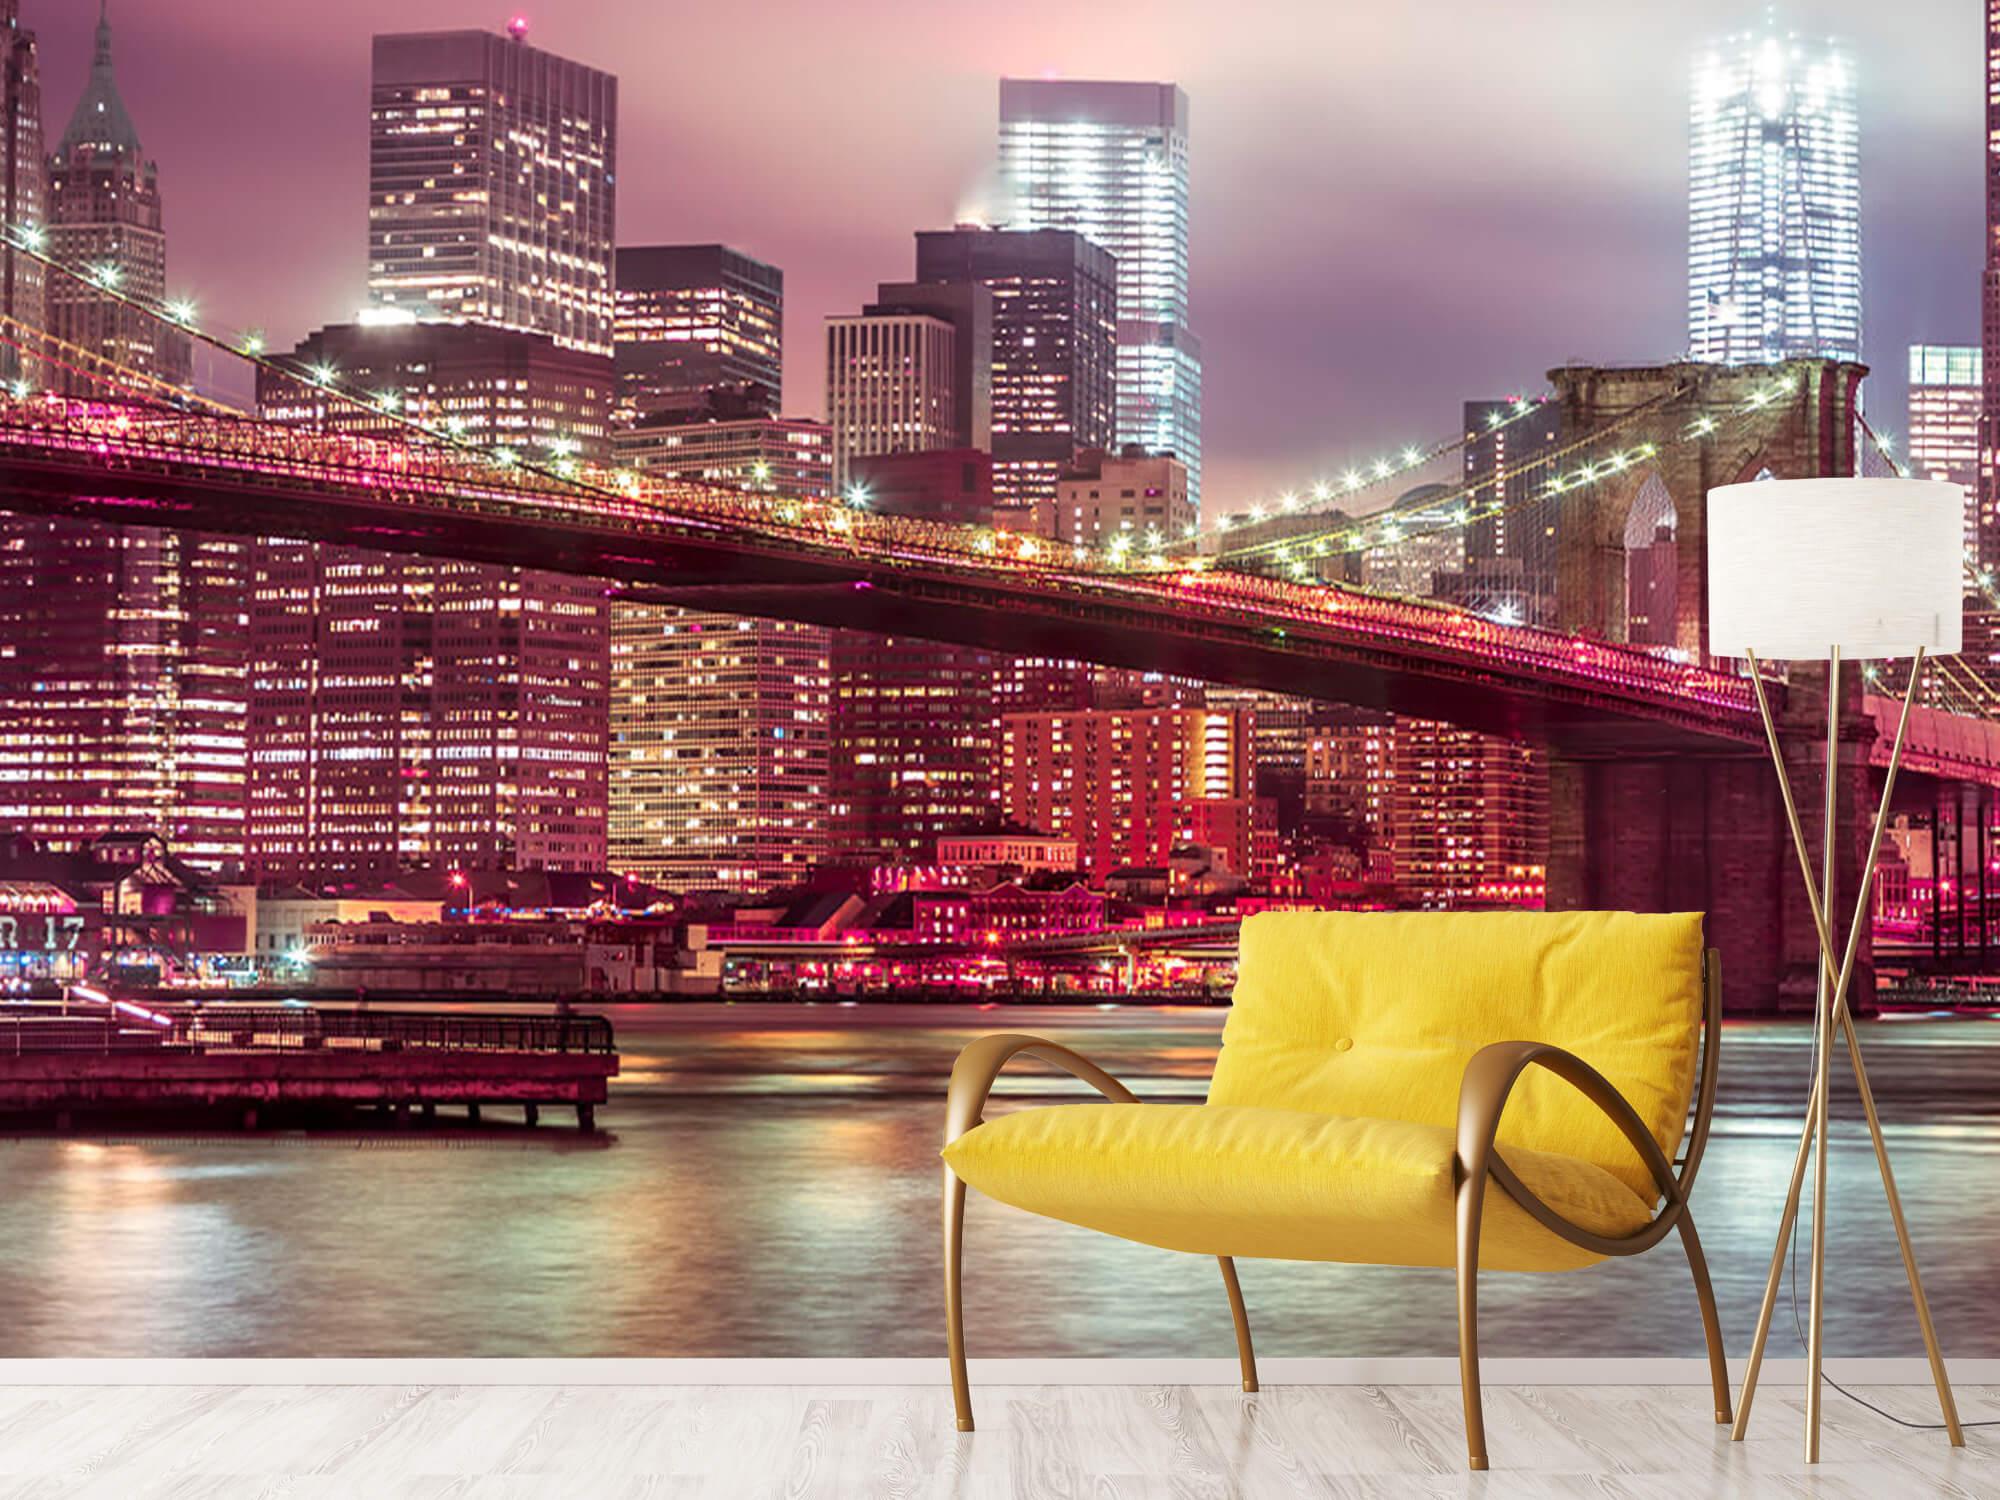 Evening in Manhattan 2